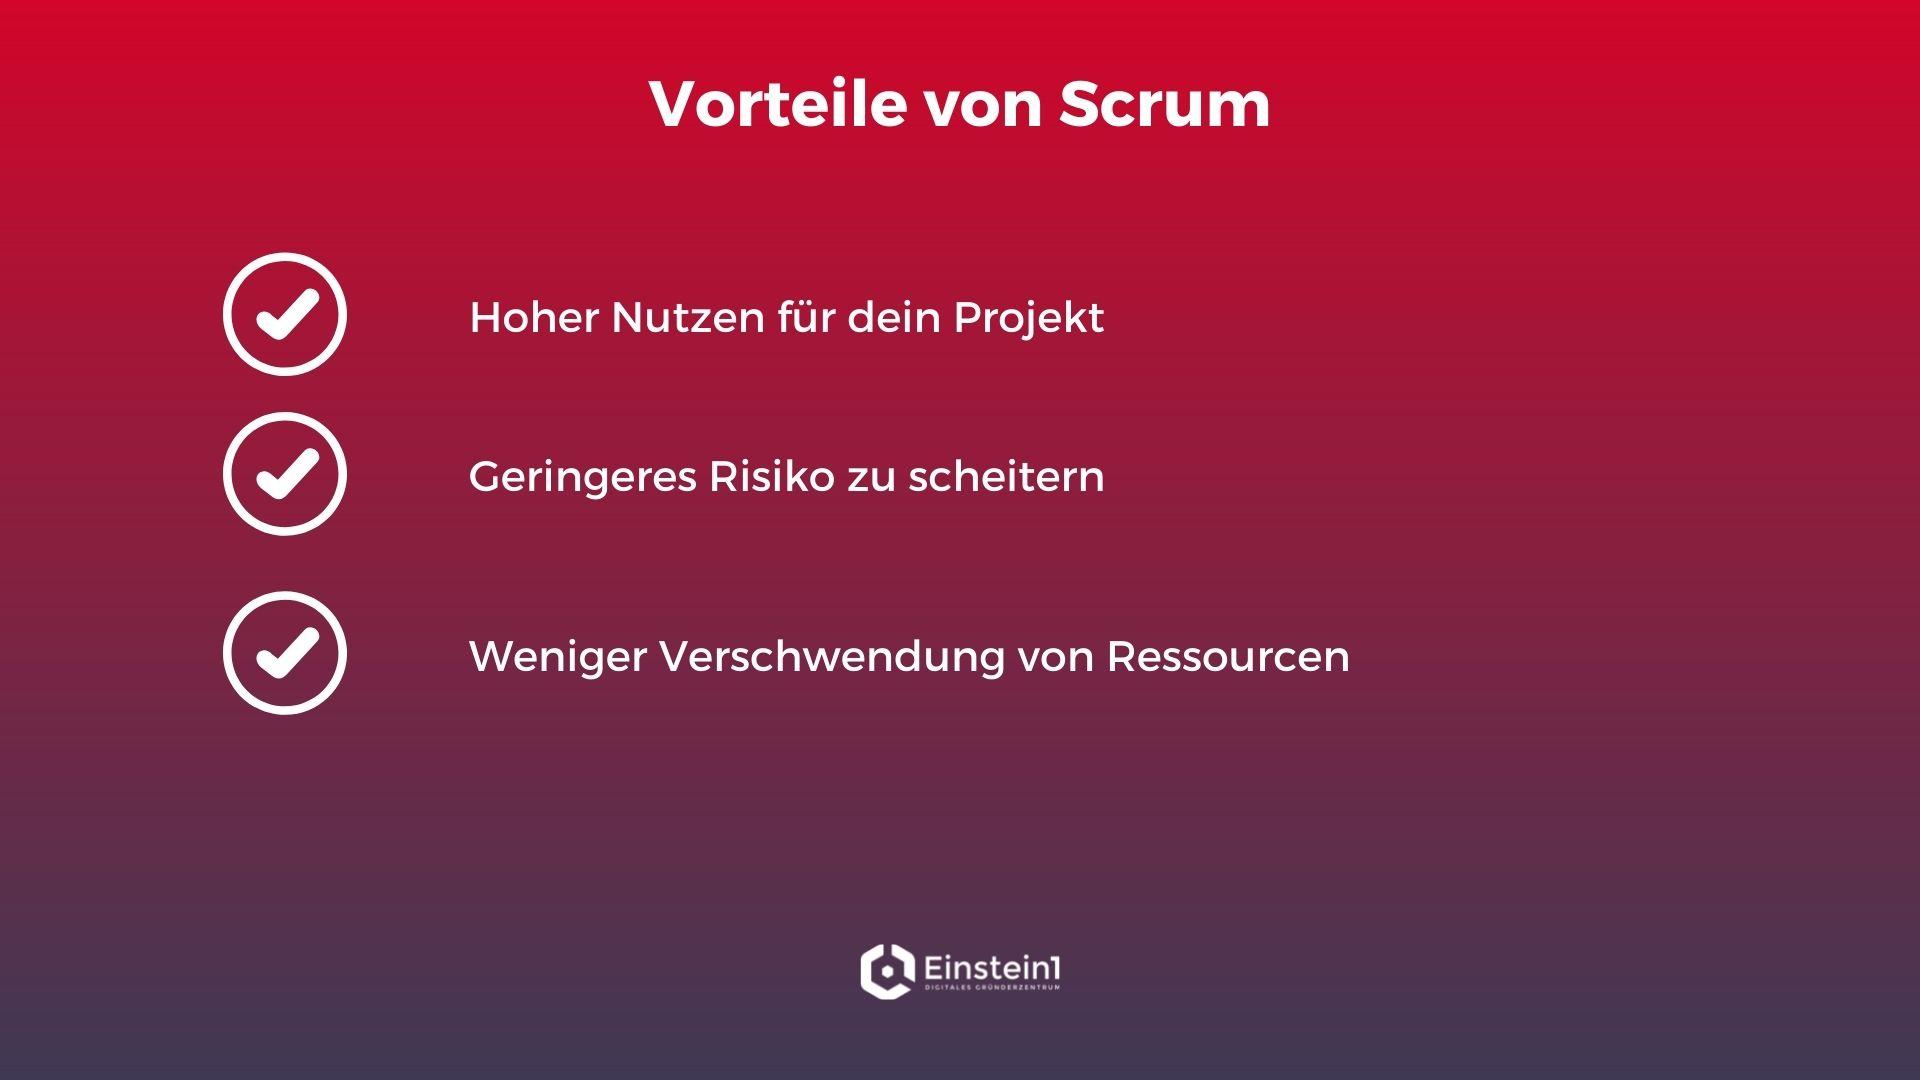 scrum-vorteile-einstein1